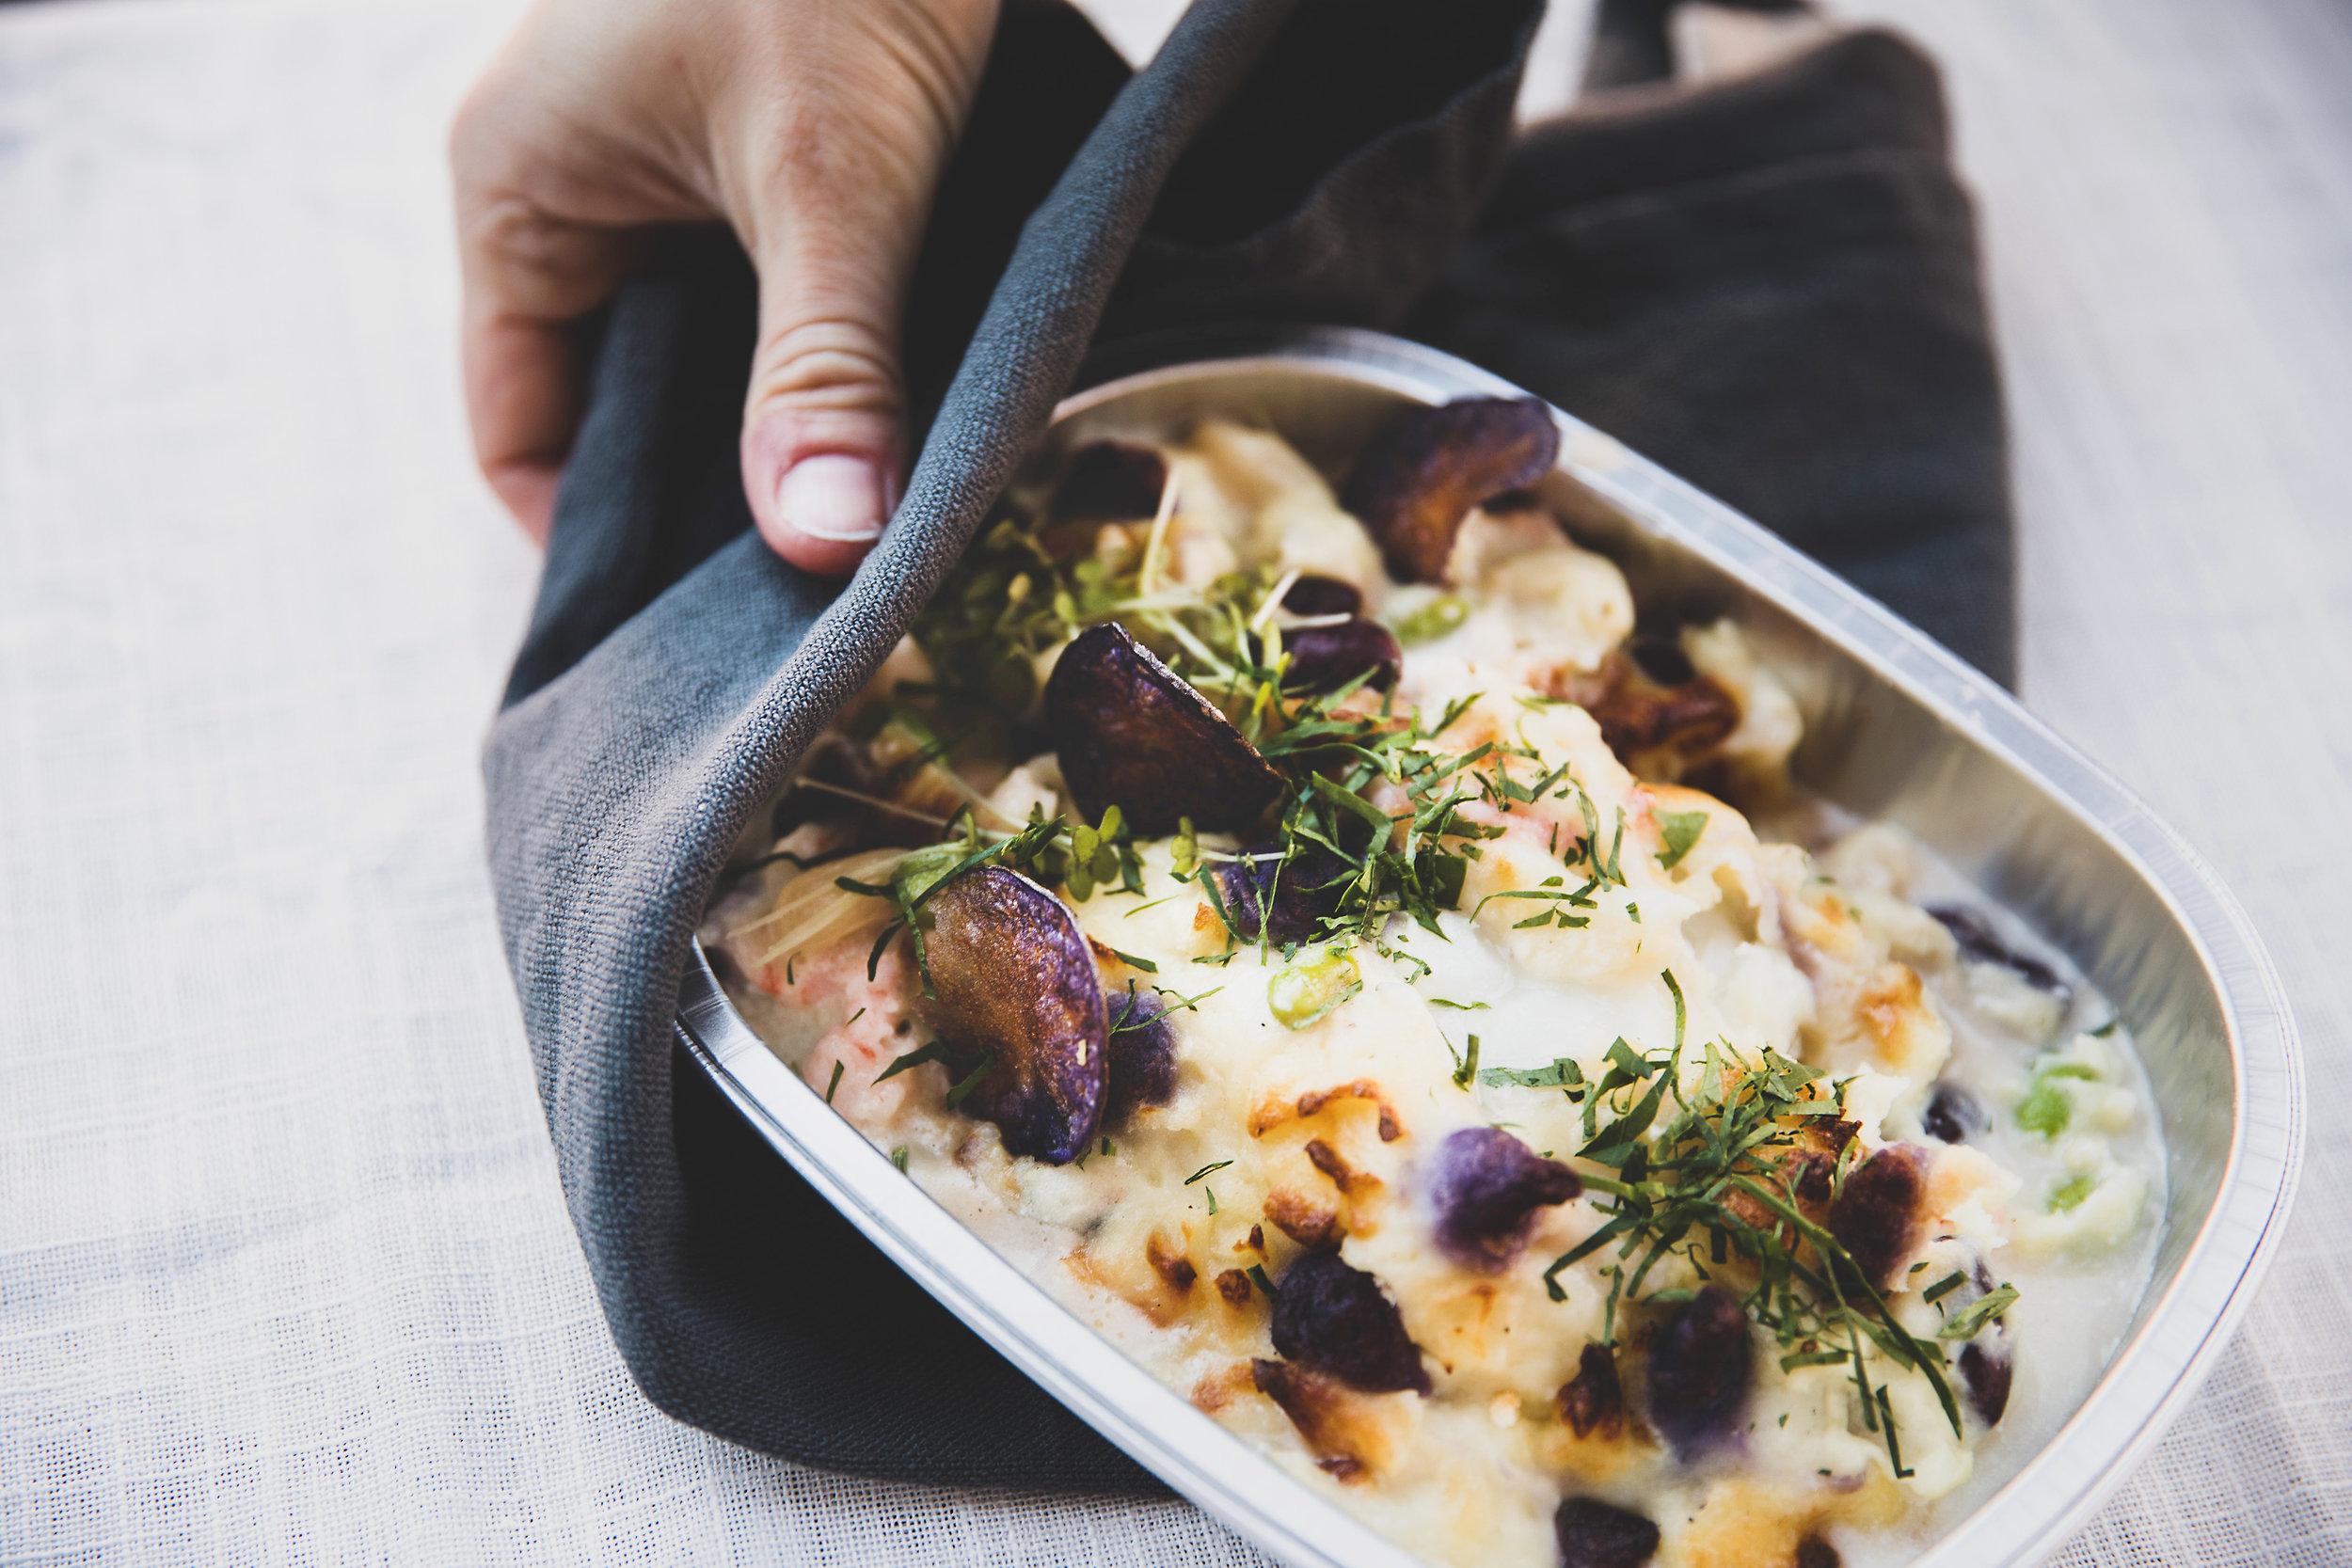 Fiskeriet`s fiskegrateng - Fiskegrateng med hvit fiskefilet, hvitvinssaus, erter, løk og potetpure. Gratinert med revet Västerbottenost.79 kr/per pers